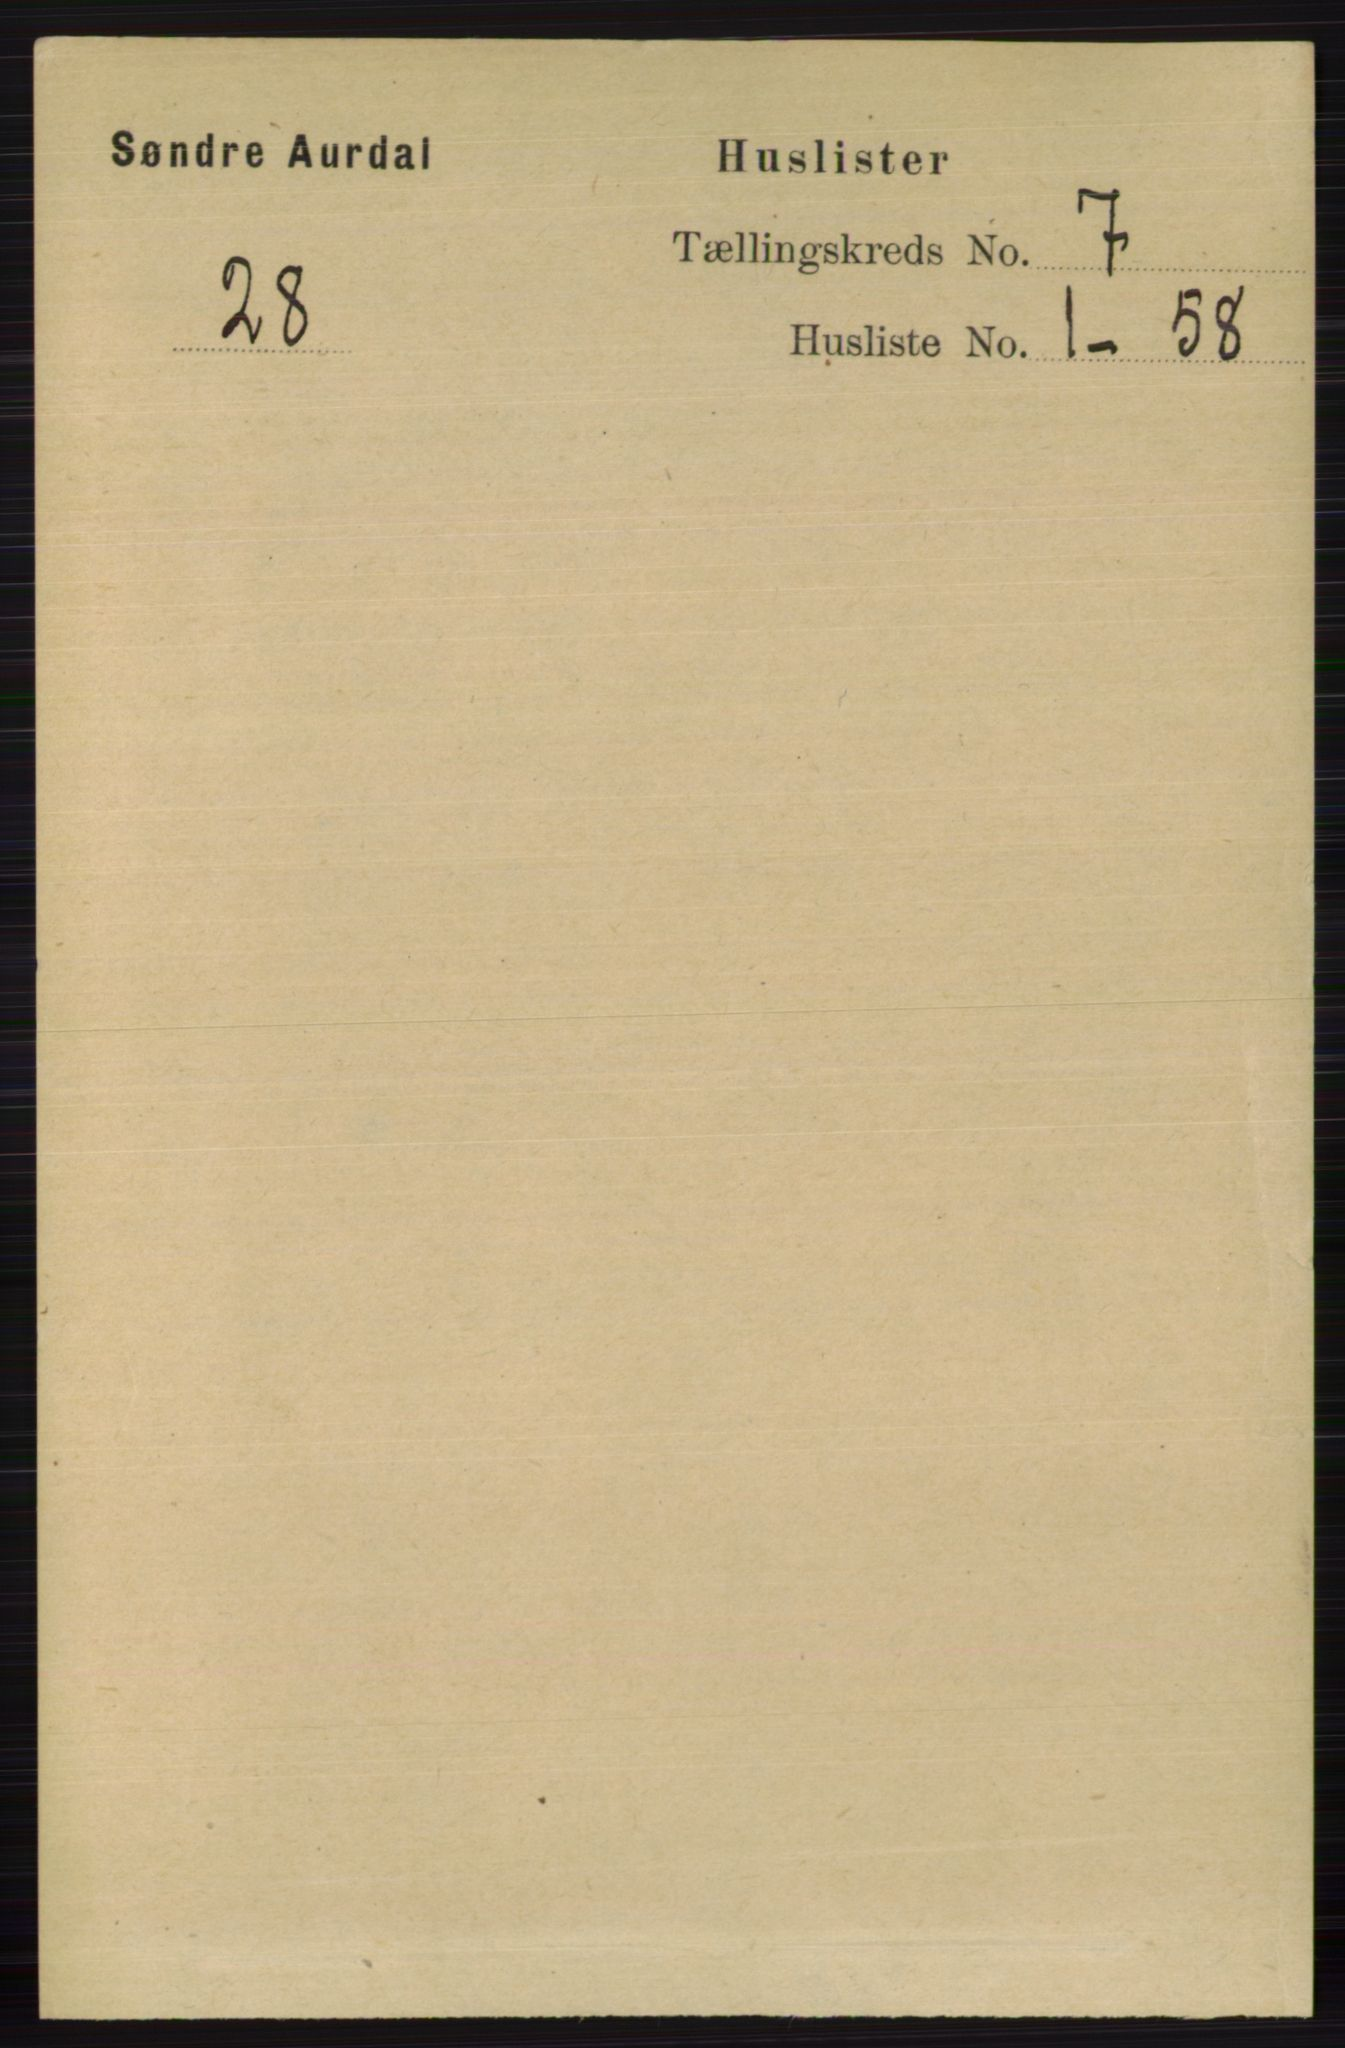 RA, Folketelling 1891 for 0540 Sør-Aurdal herred, 1891, s. 4336